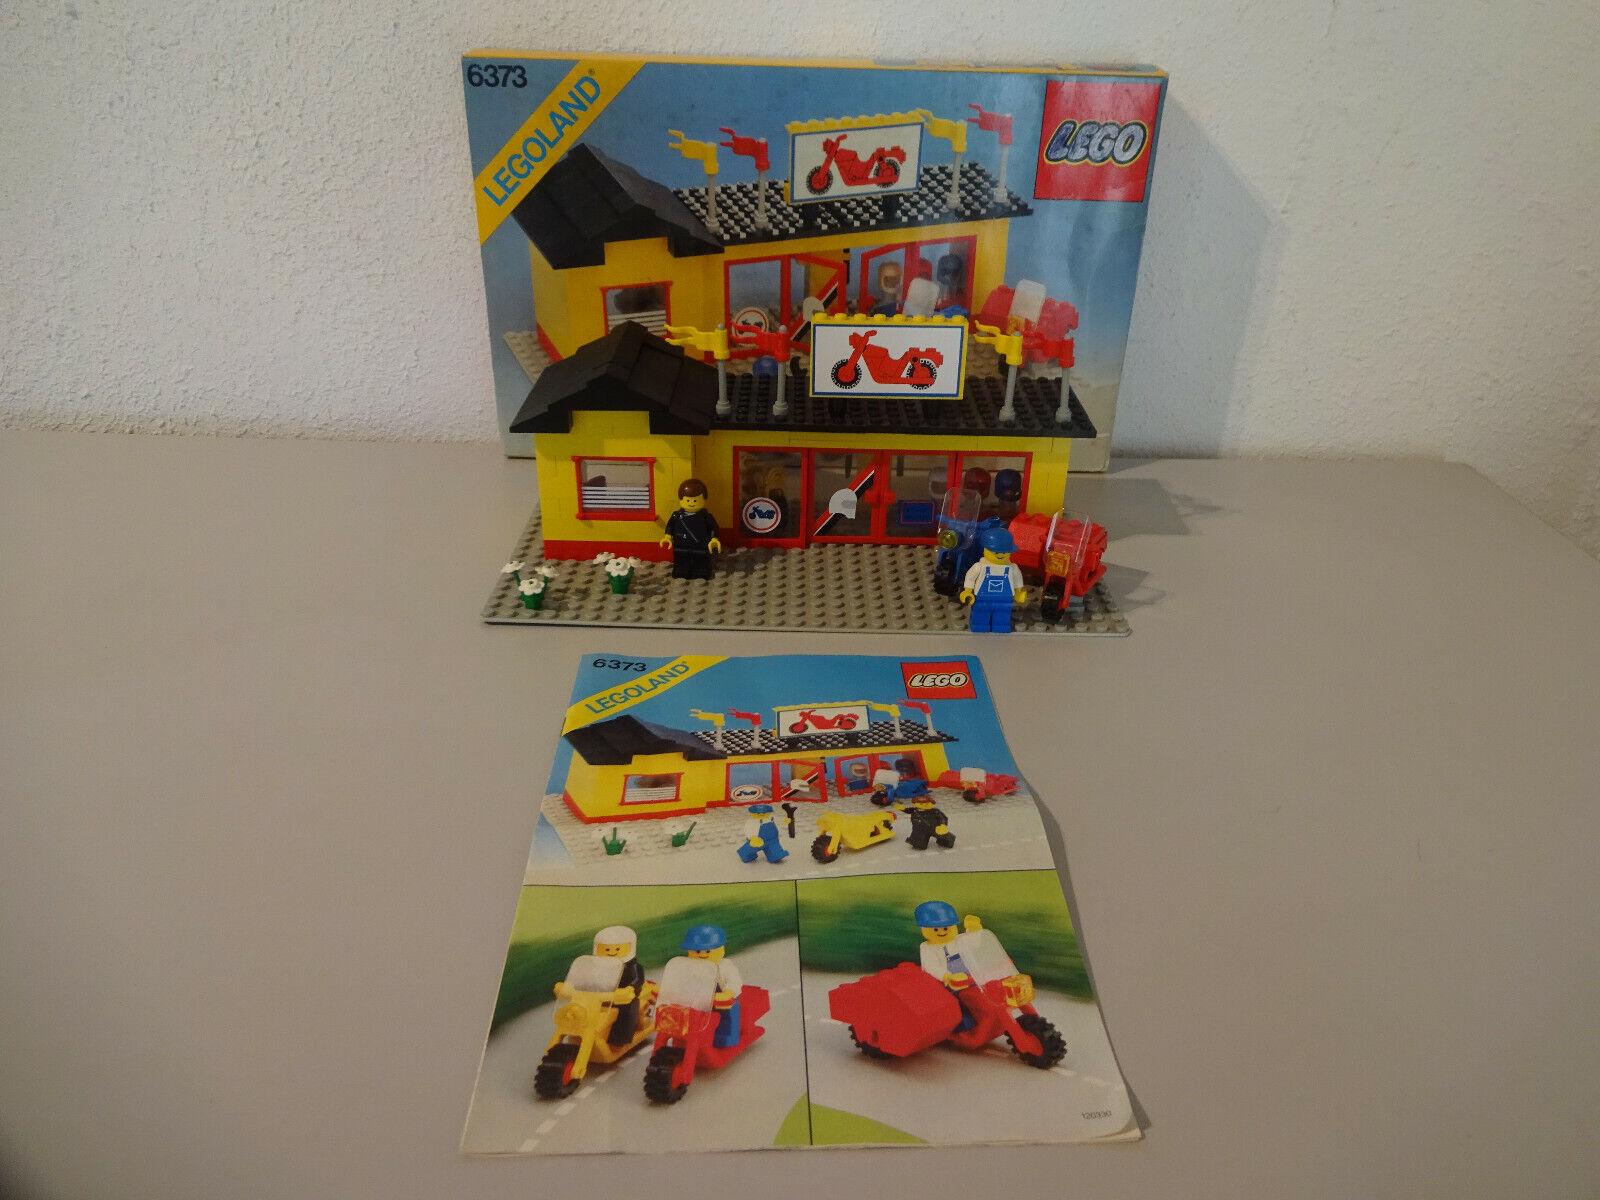 (GO) Legole 6373 negozio di moto con OVP & BA  100% COMPLETO USATO RARO  Miglior prezzo